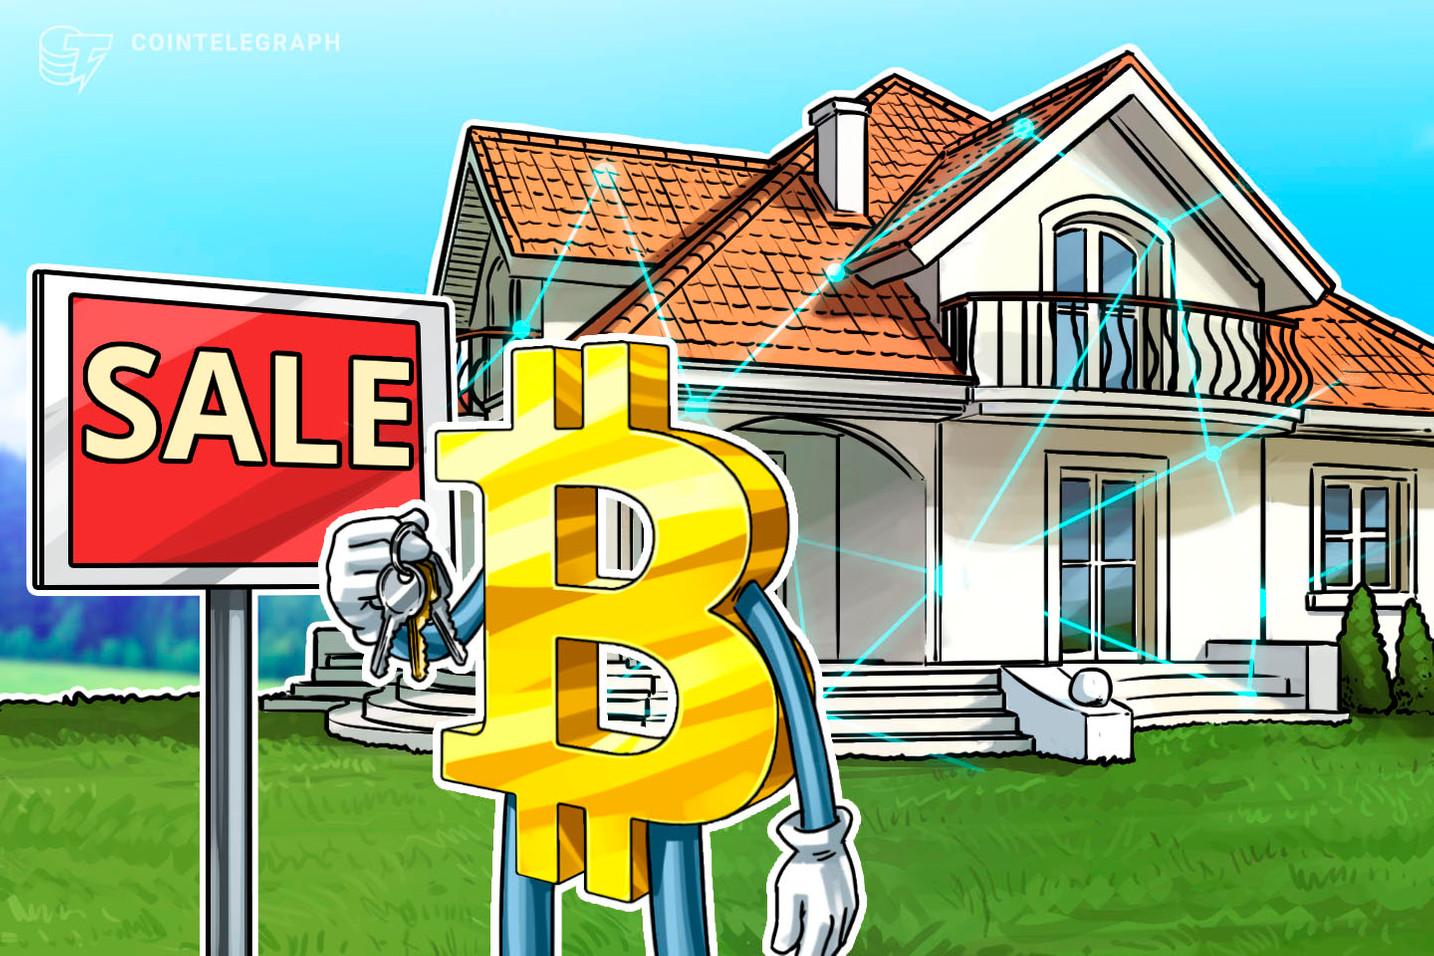 Bitcoin-Zahlungen für Immobilien gewinnen an Bedeutung, da Krypto-Inhaber nach Monetarisierung suchen